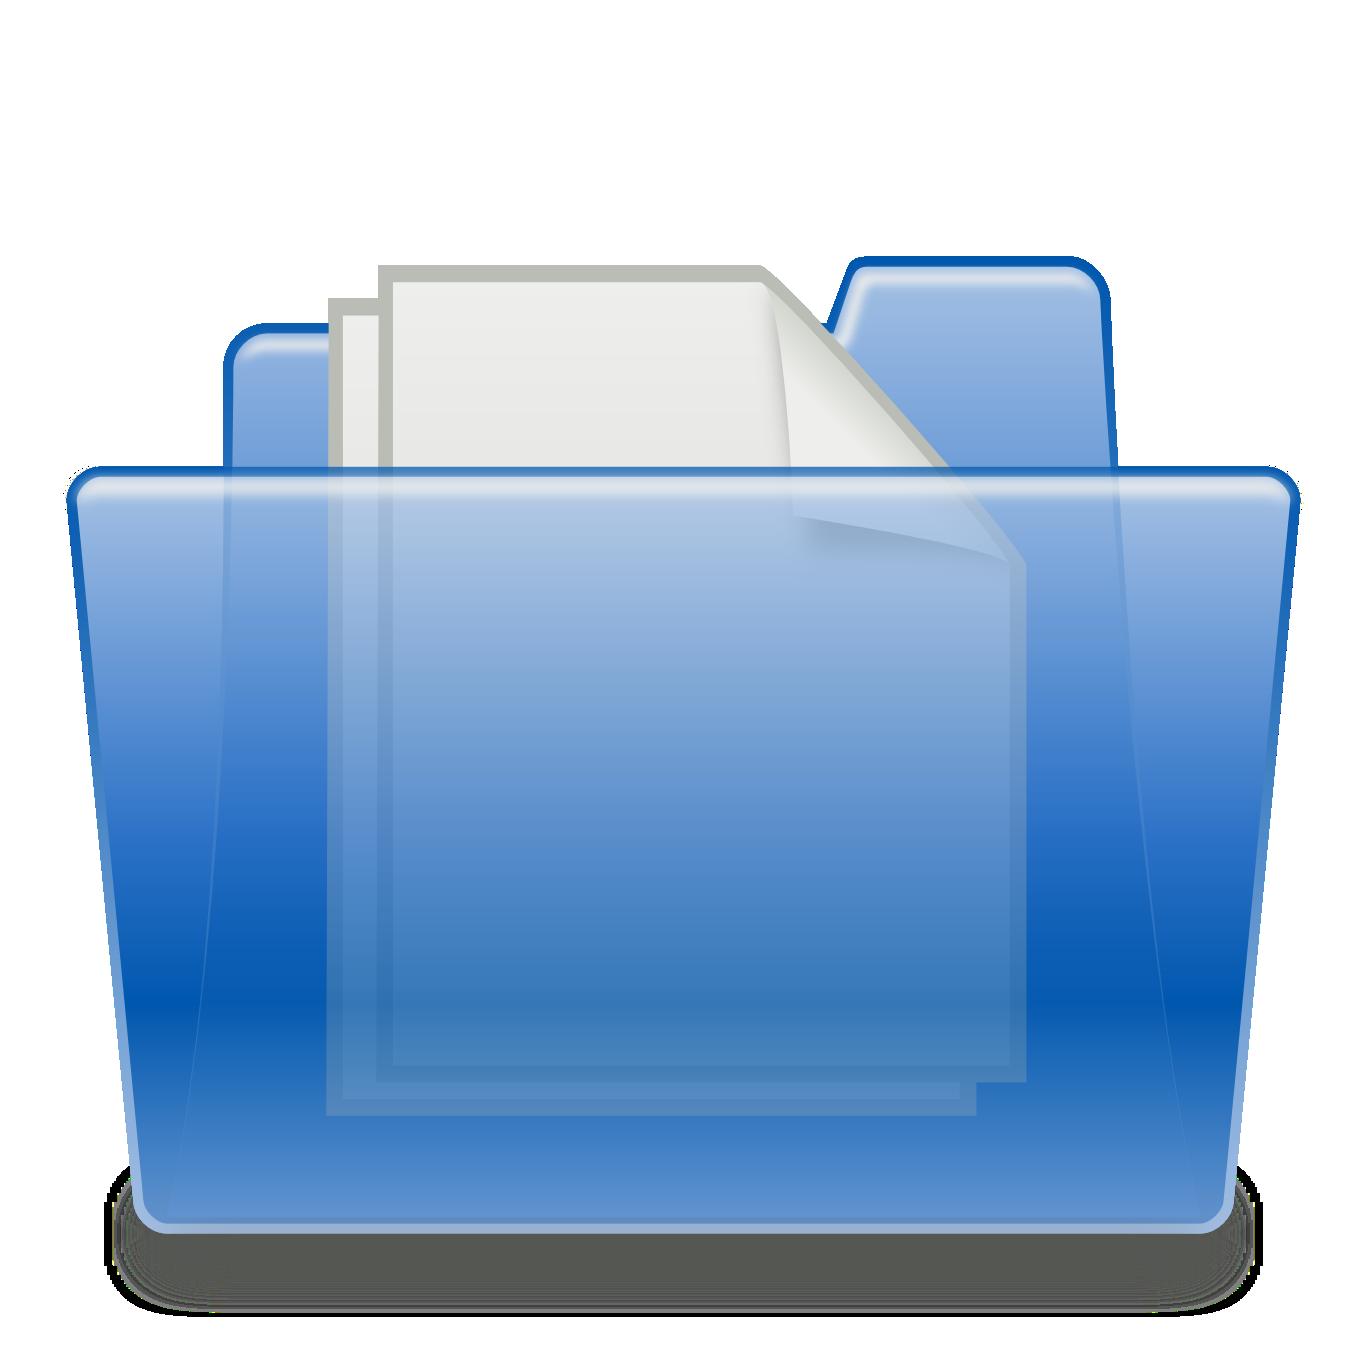 Folder PNG - 11452